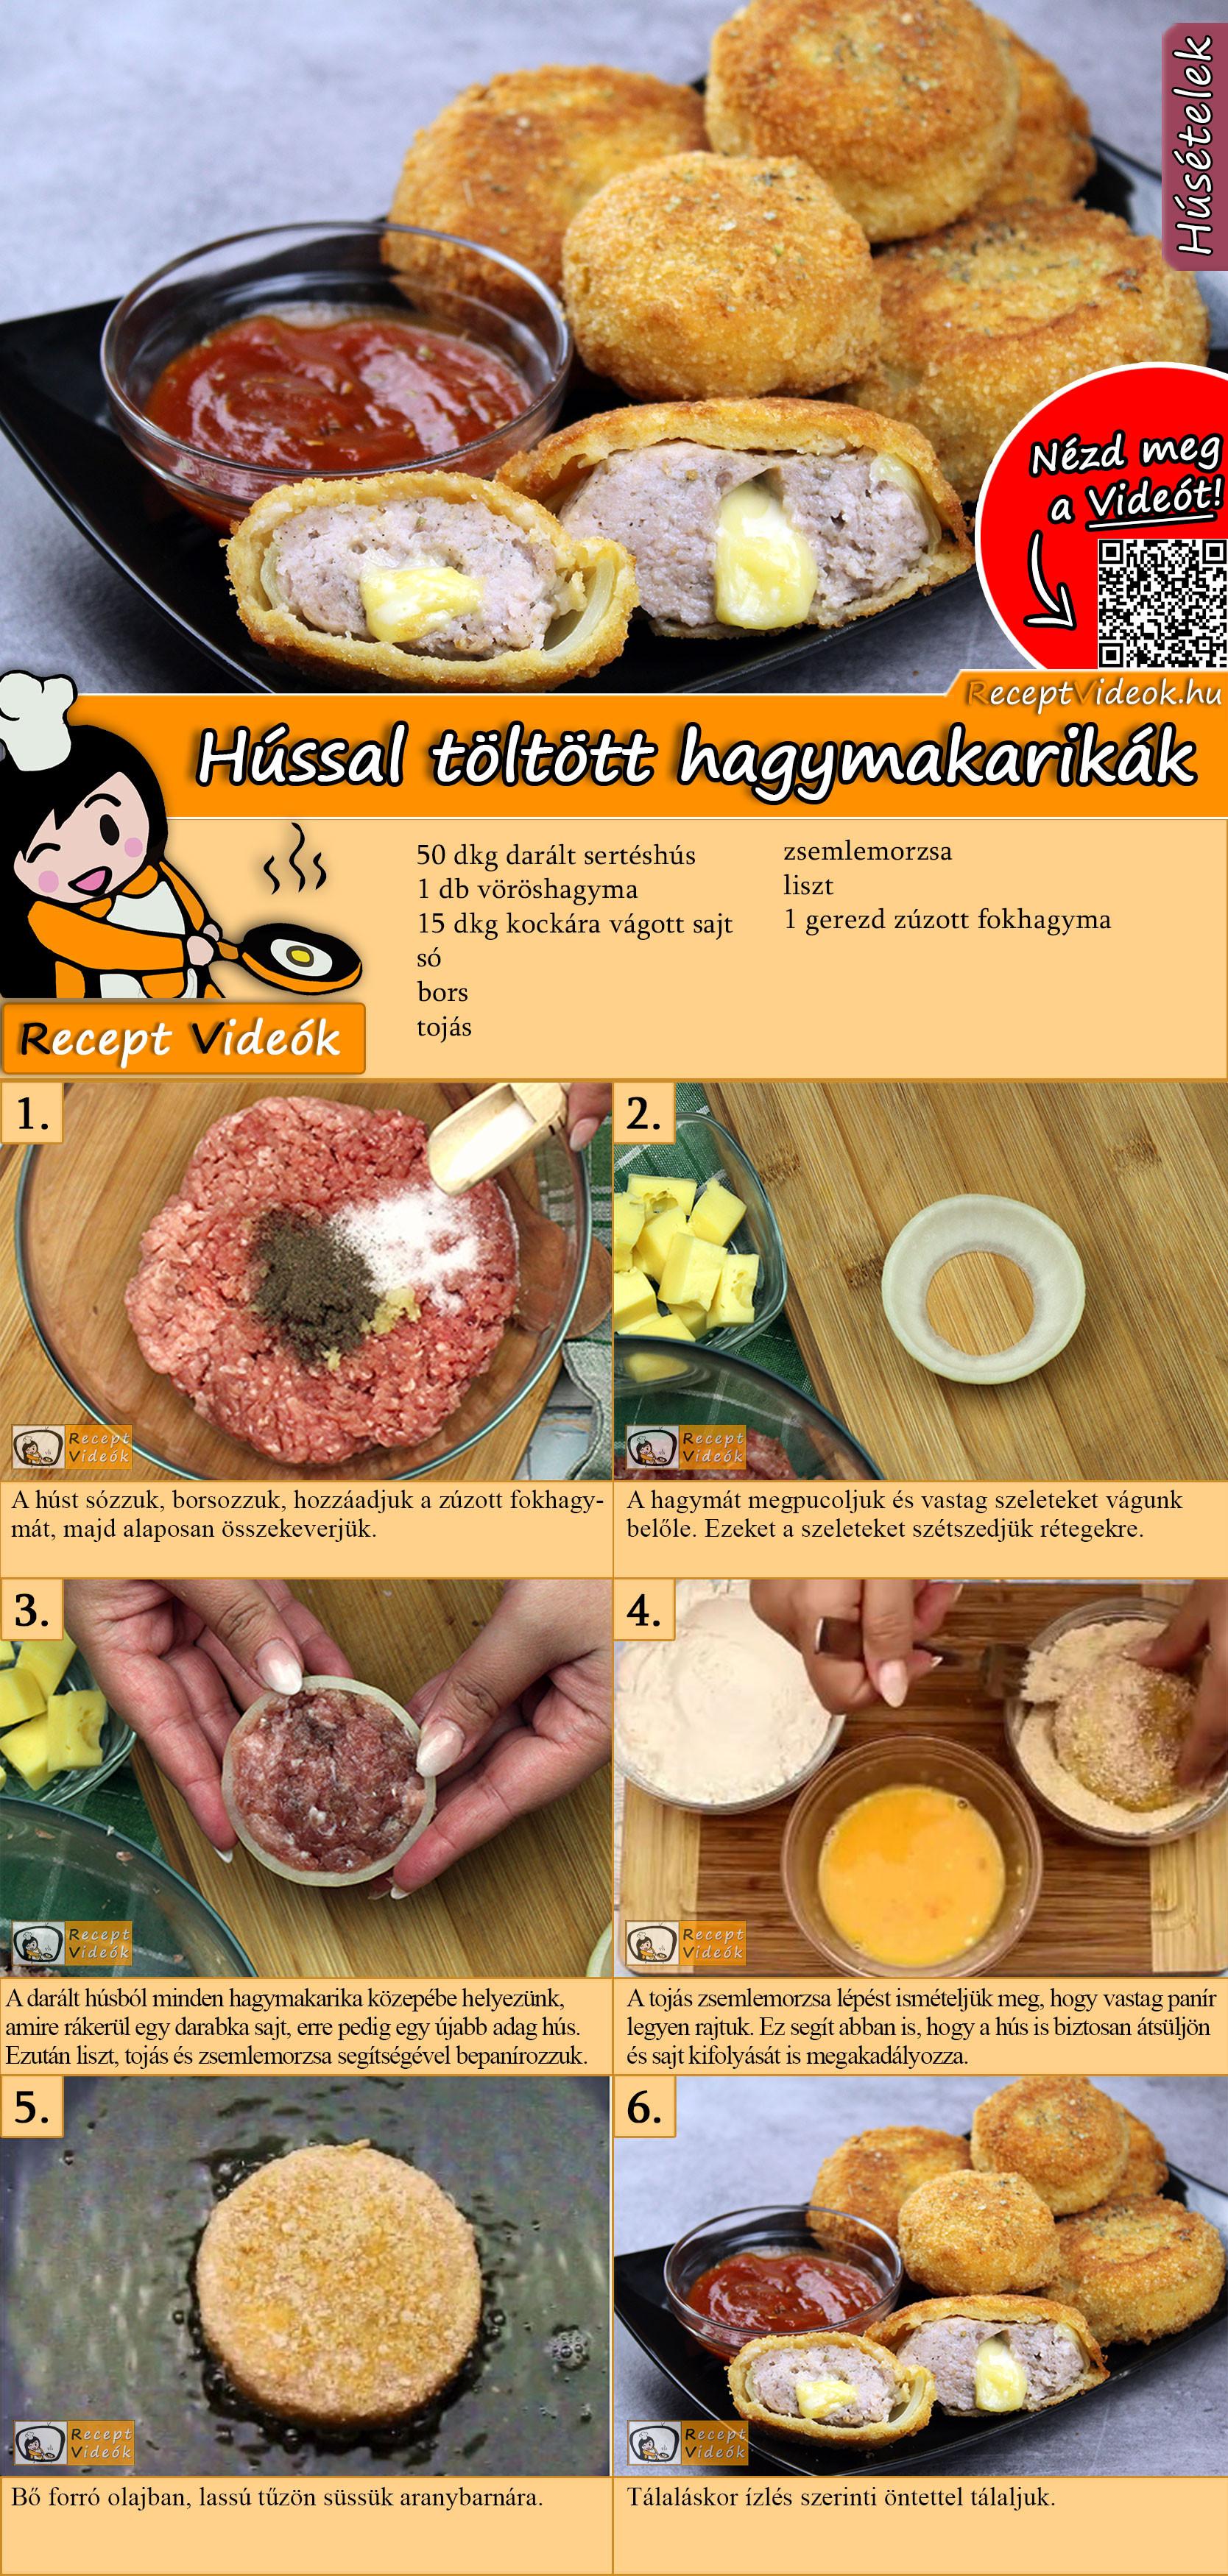 Hússal töltött hagymakarikák recept elkészítése videóval